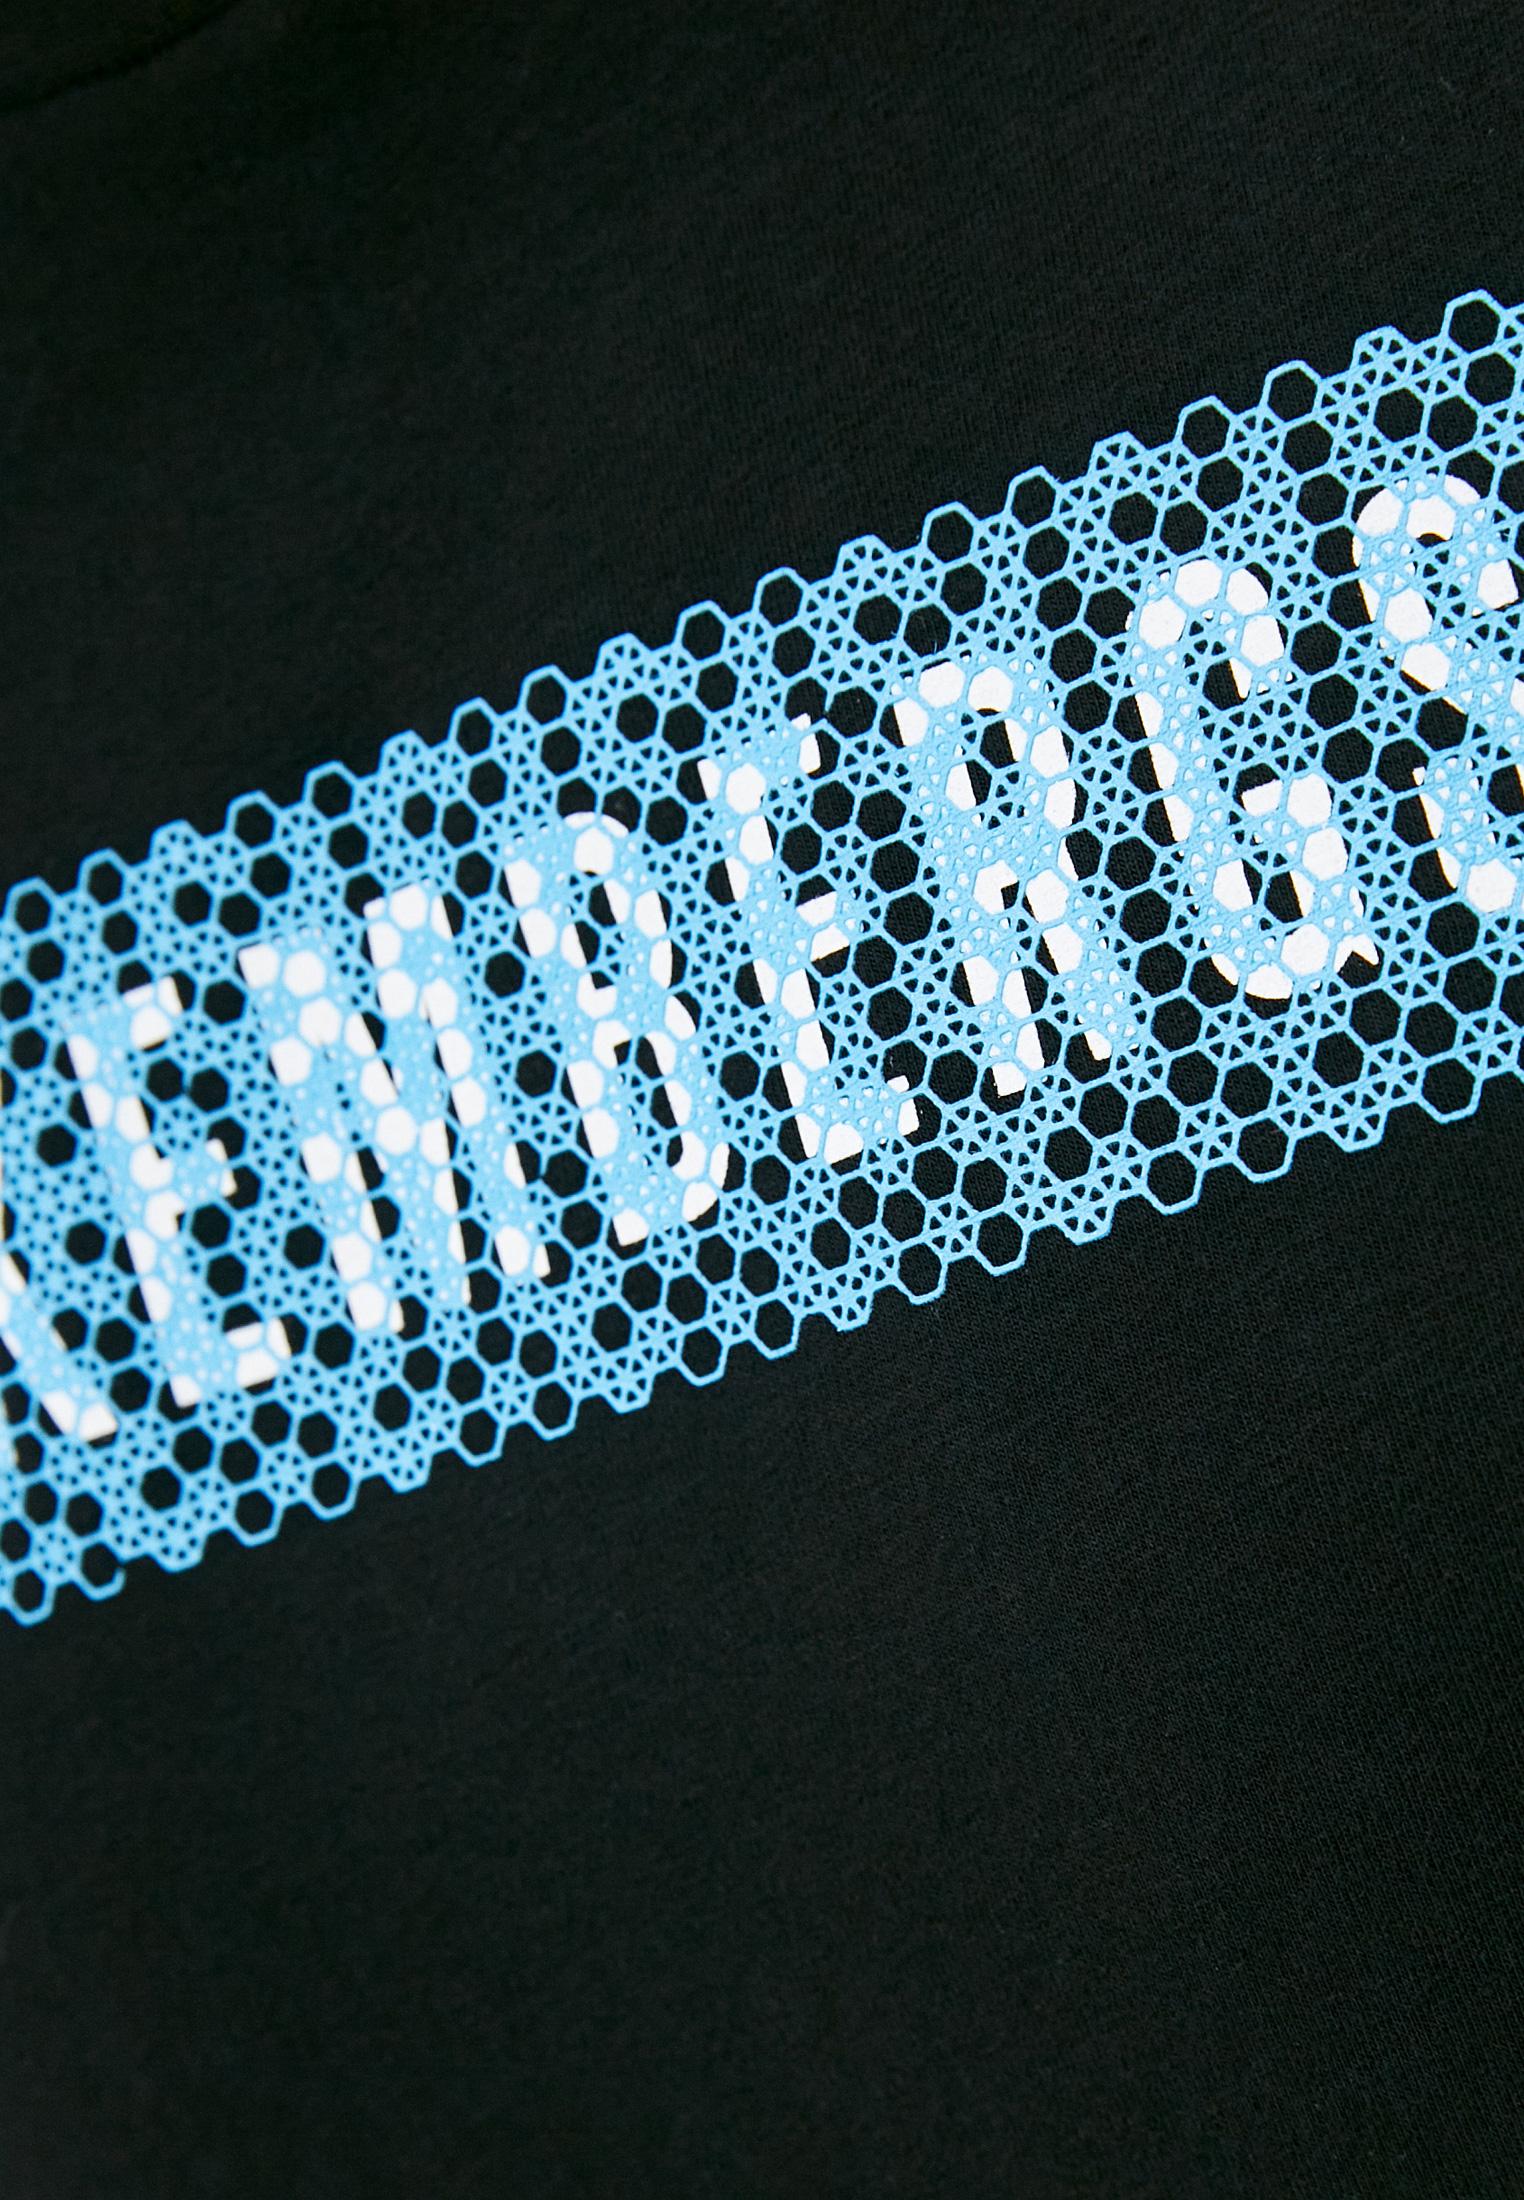 Мужская футболка Bikkembergs (Биккембергс) C 4 101 04 E 2231: изображение 5